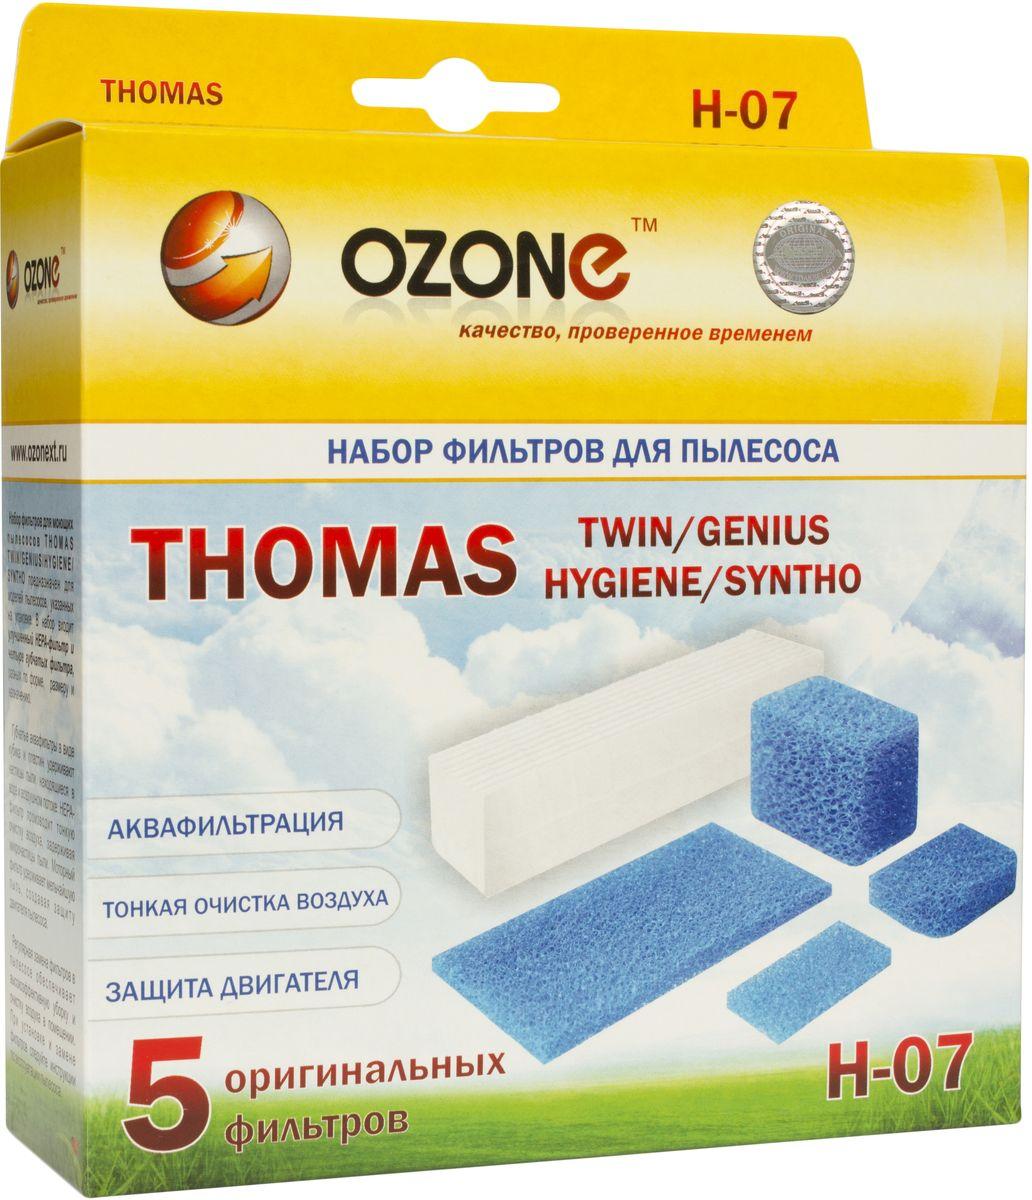 Ozone H-07 набор фильтров для пылесосов ThomasH-07HEPA фильтр Ozone microne H-07 высокоэффективной очистки предназначен для завершающей очистки воздуха в помещении, которое требует высокое качество воздуха, например, медицинских помещений. Фильтр состоит из мелкопористых материалов, что служит эффективному задерживанию частиц размером до 0,3 мкм. Фильтры HEPA последнего поколения имеют степень очистки воздуха около 95-97%. Фильтры не подлежат к промывке, а значит, они являются одноразовыми.Уважаемые клиенты! Обращаем ваше внимание на то, что упаковка может иметь несколько видов дизайна. Поставка осуществляется в зависимости от наличия на складе.